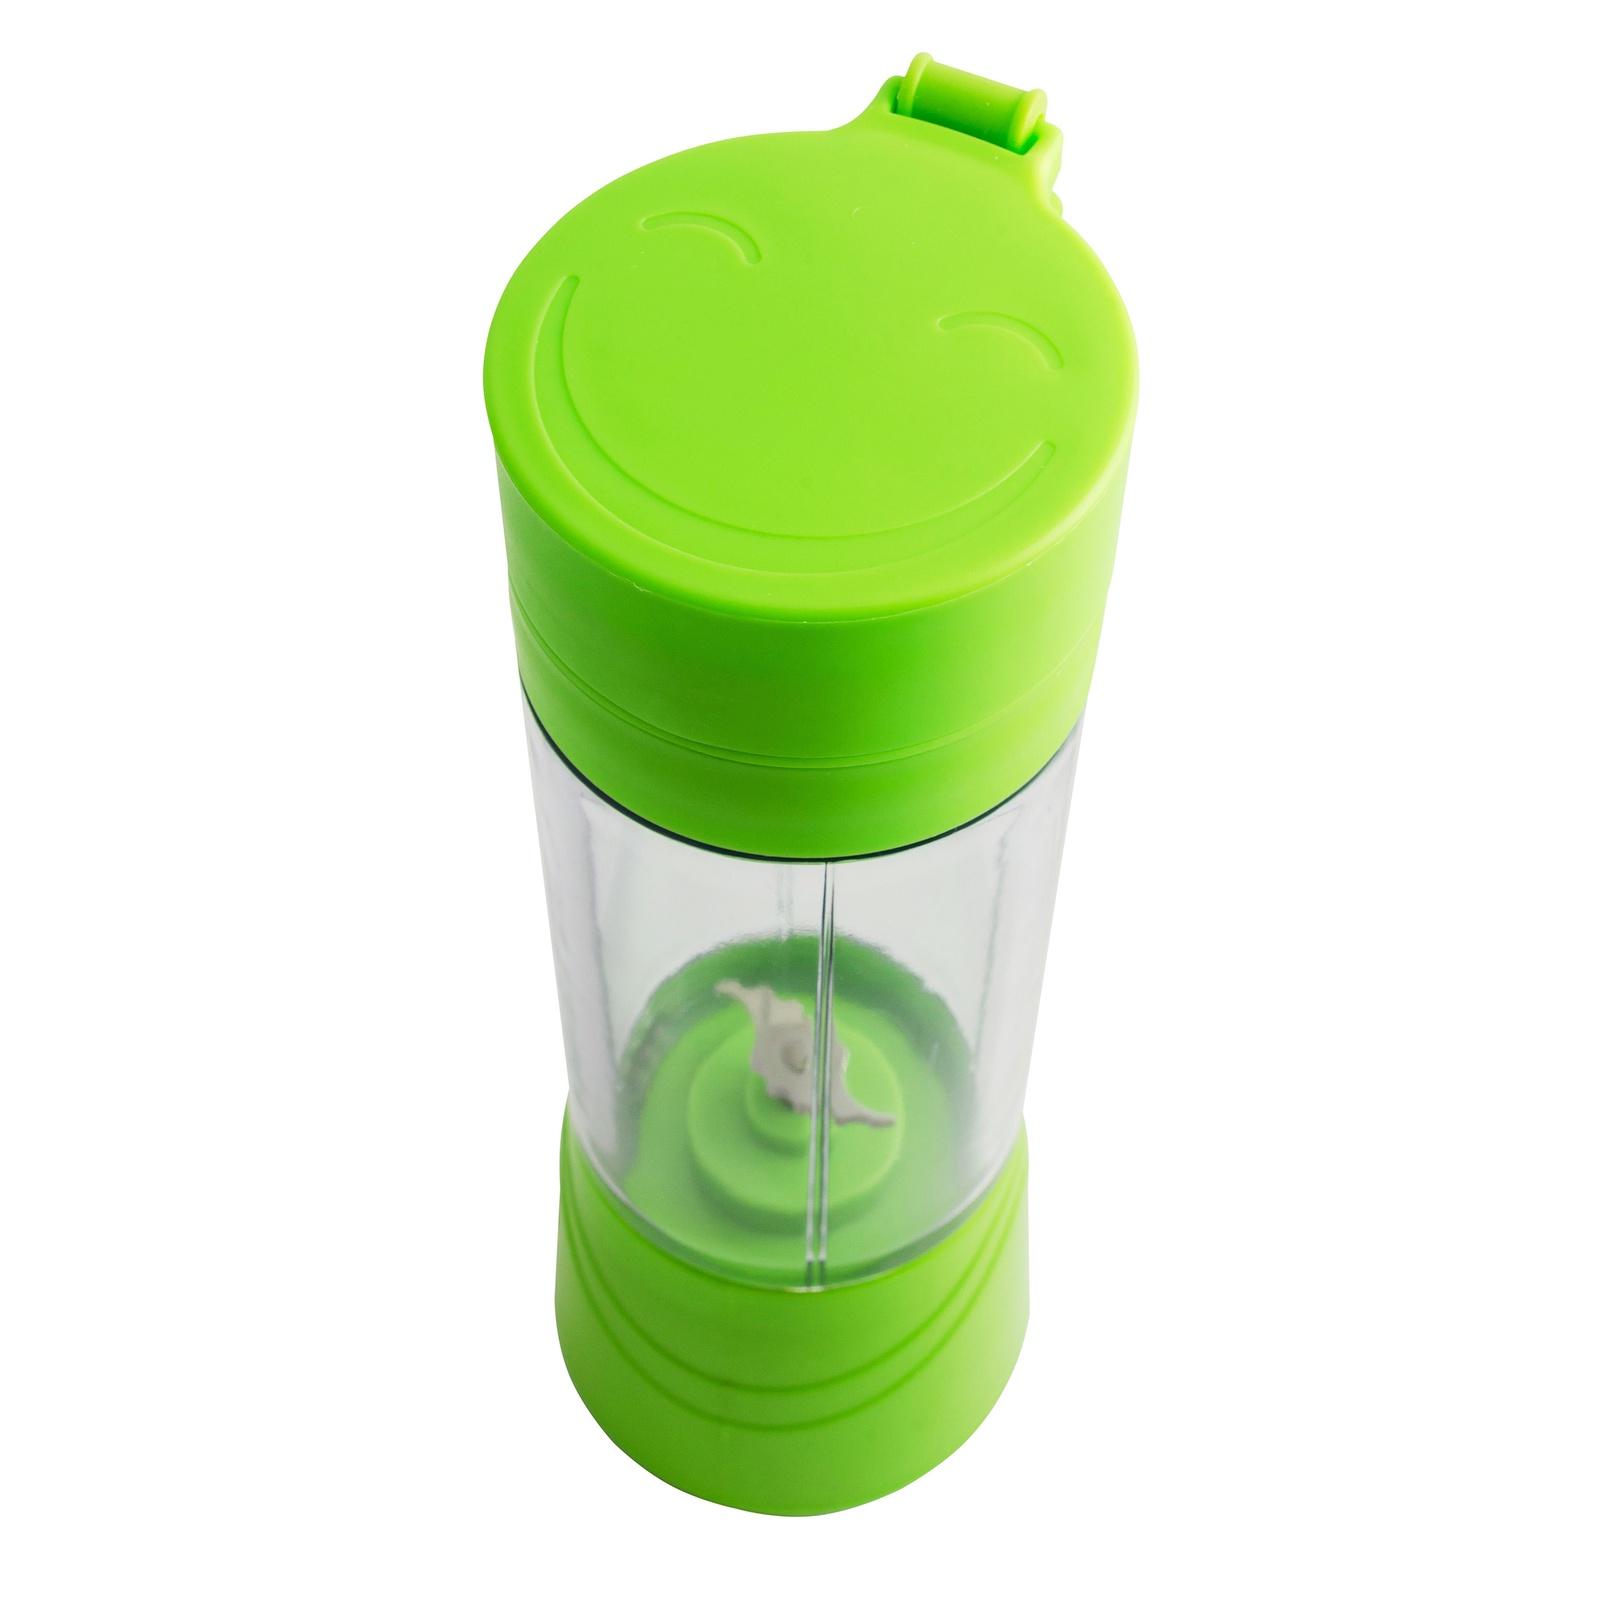 Блендер для смузи портативный на аккумуляторе Take IT X2, цвет:  зеленый Take It